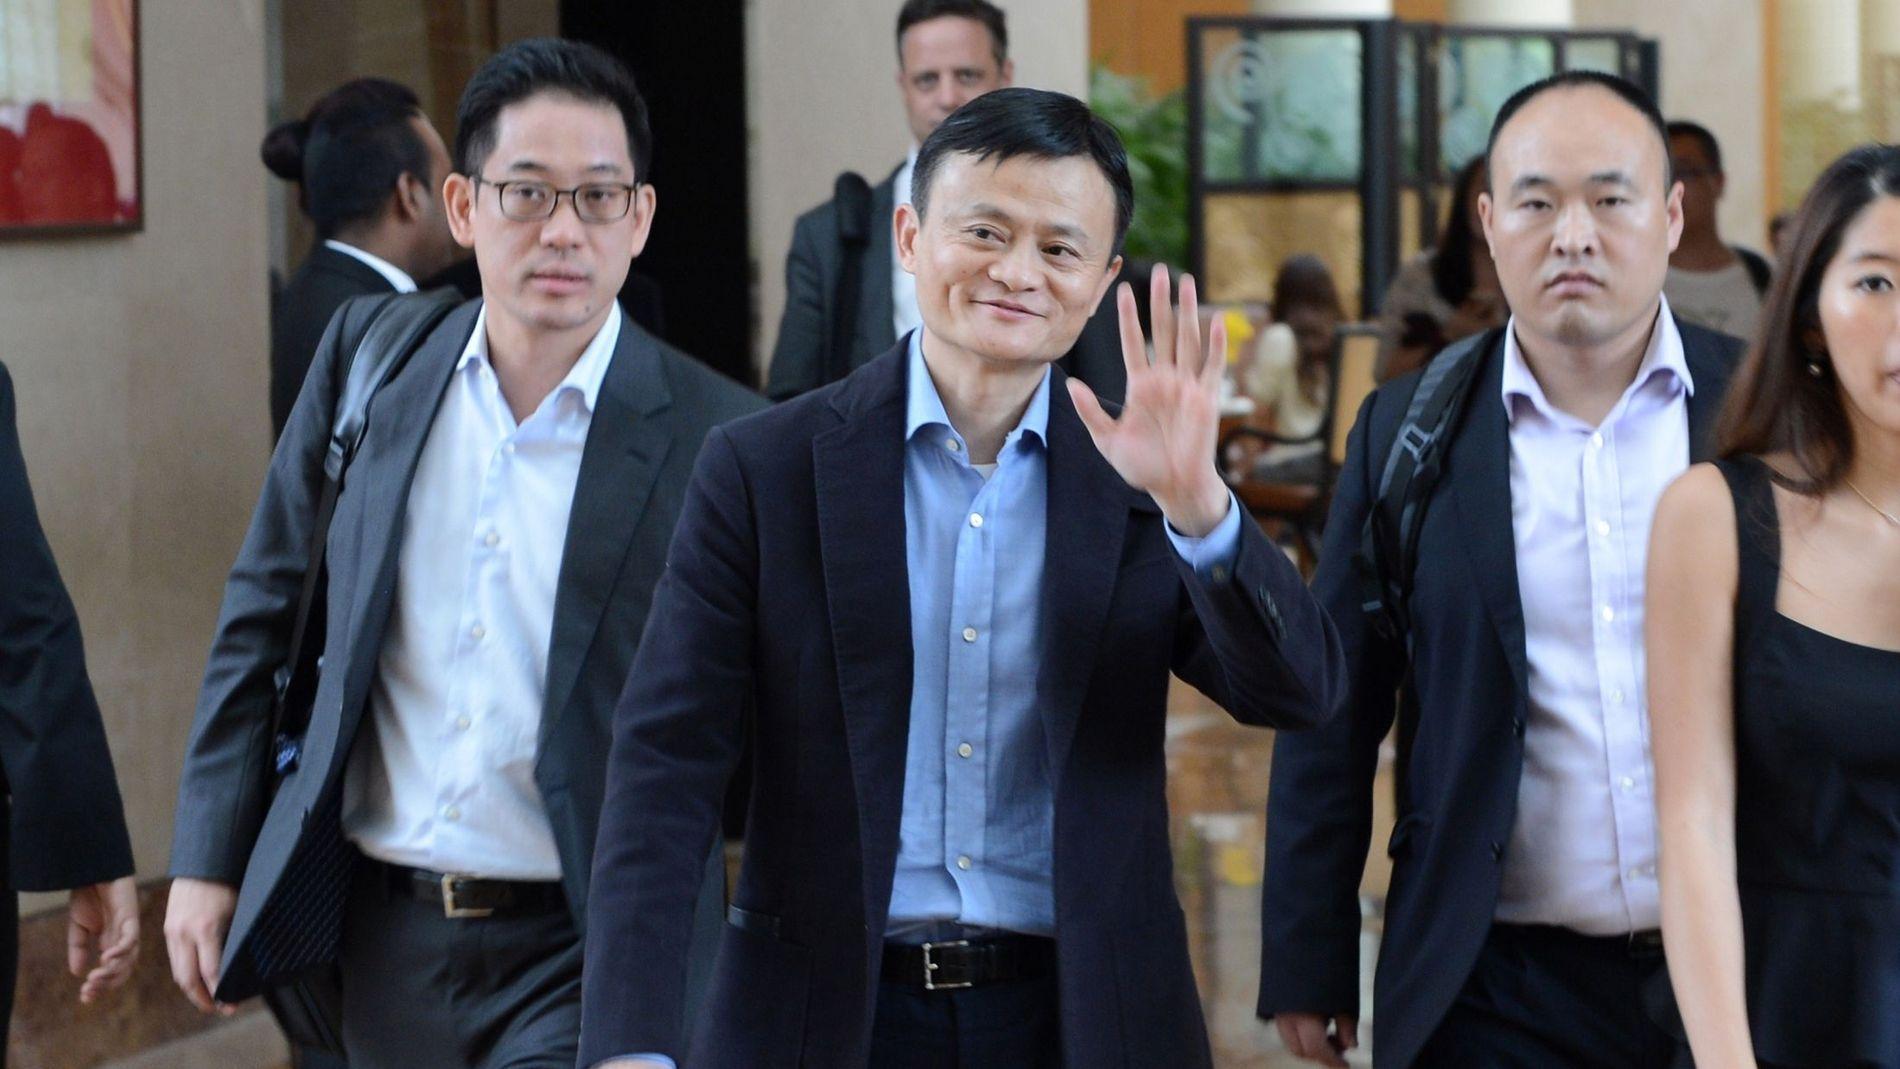 HISTORISK: Alibaba-grunnlegger Jack Ma, her på vei ut fra et hotell i Singapore tidligere denne uken.